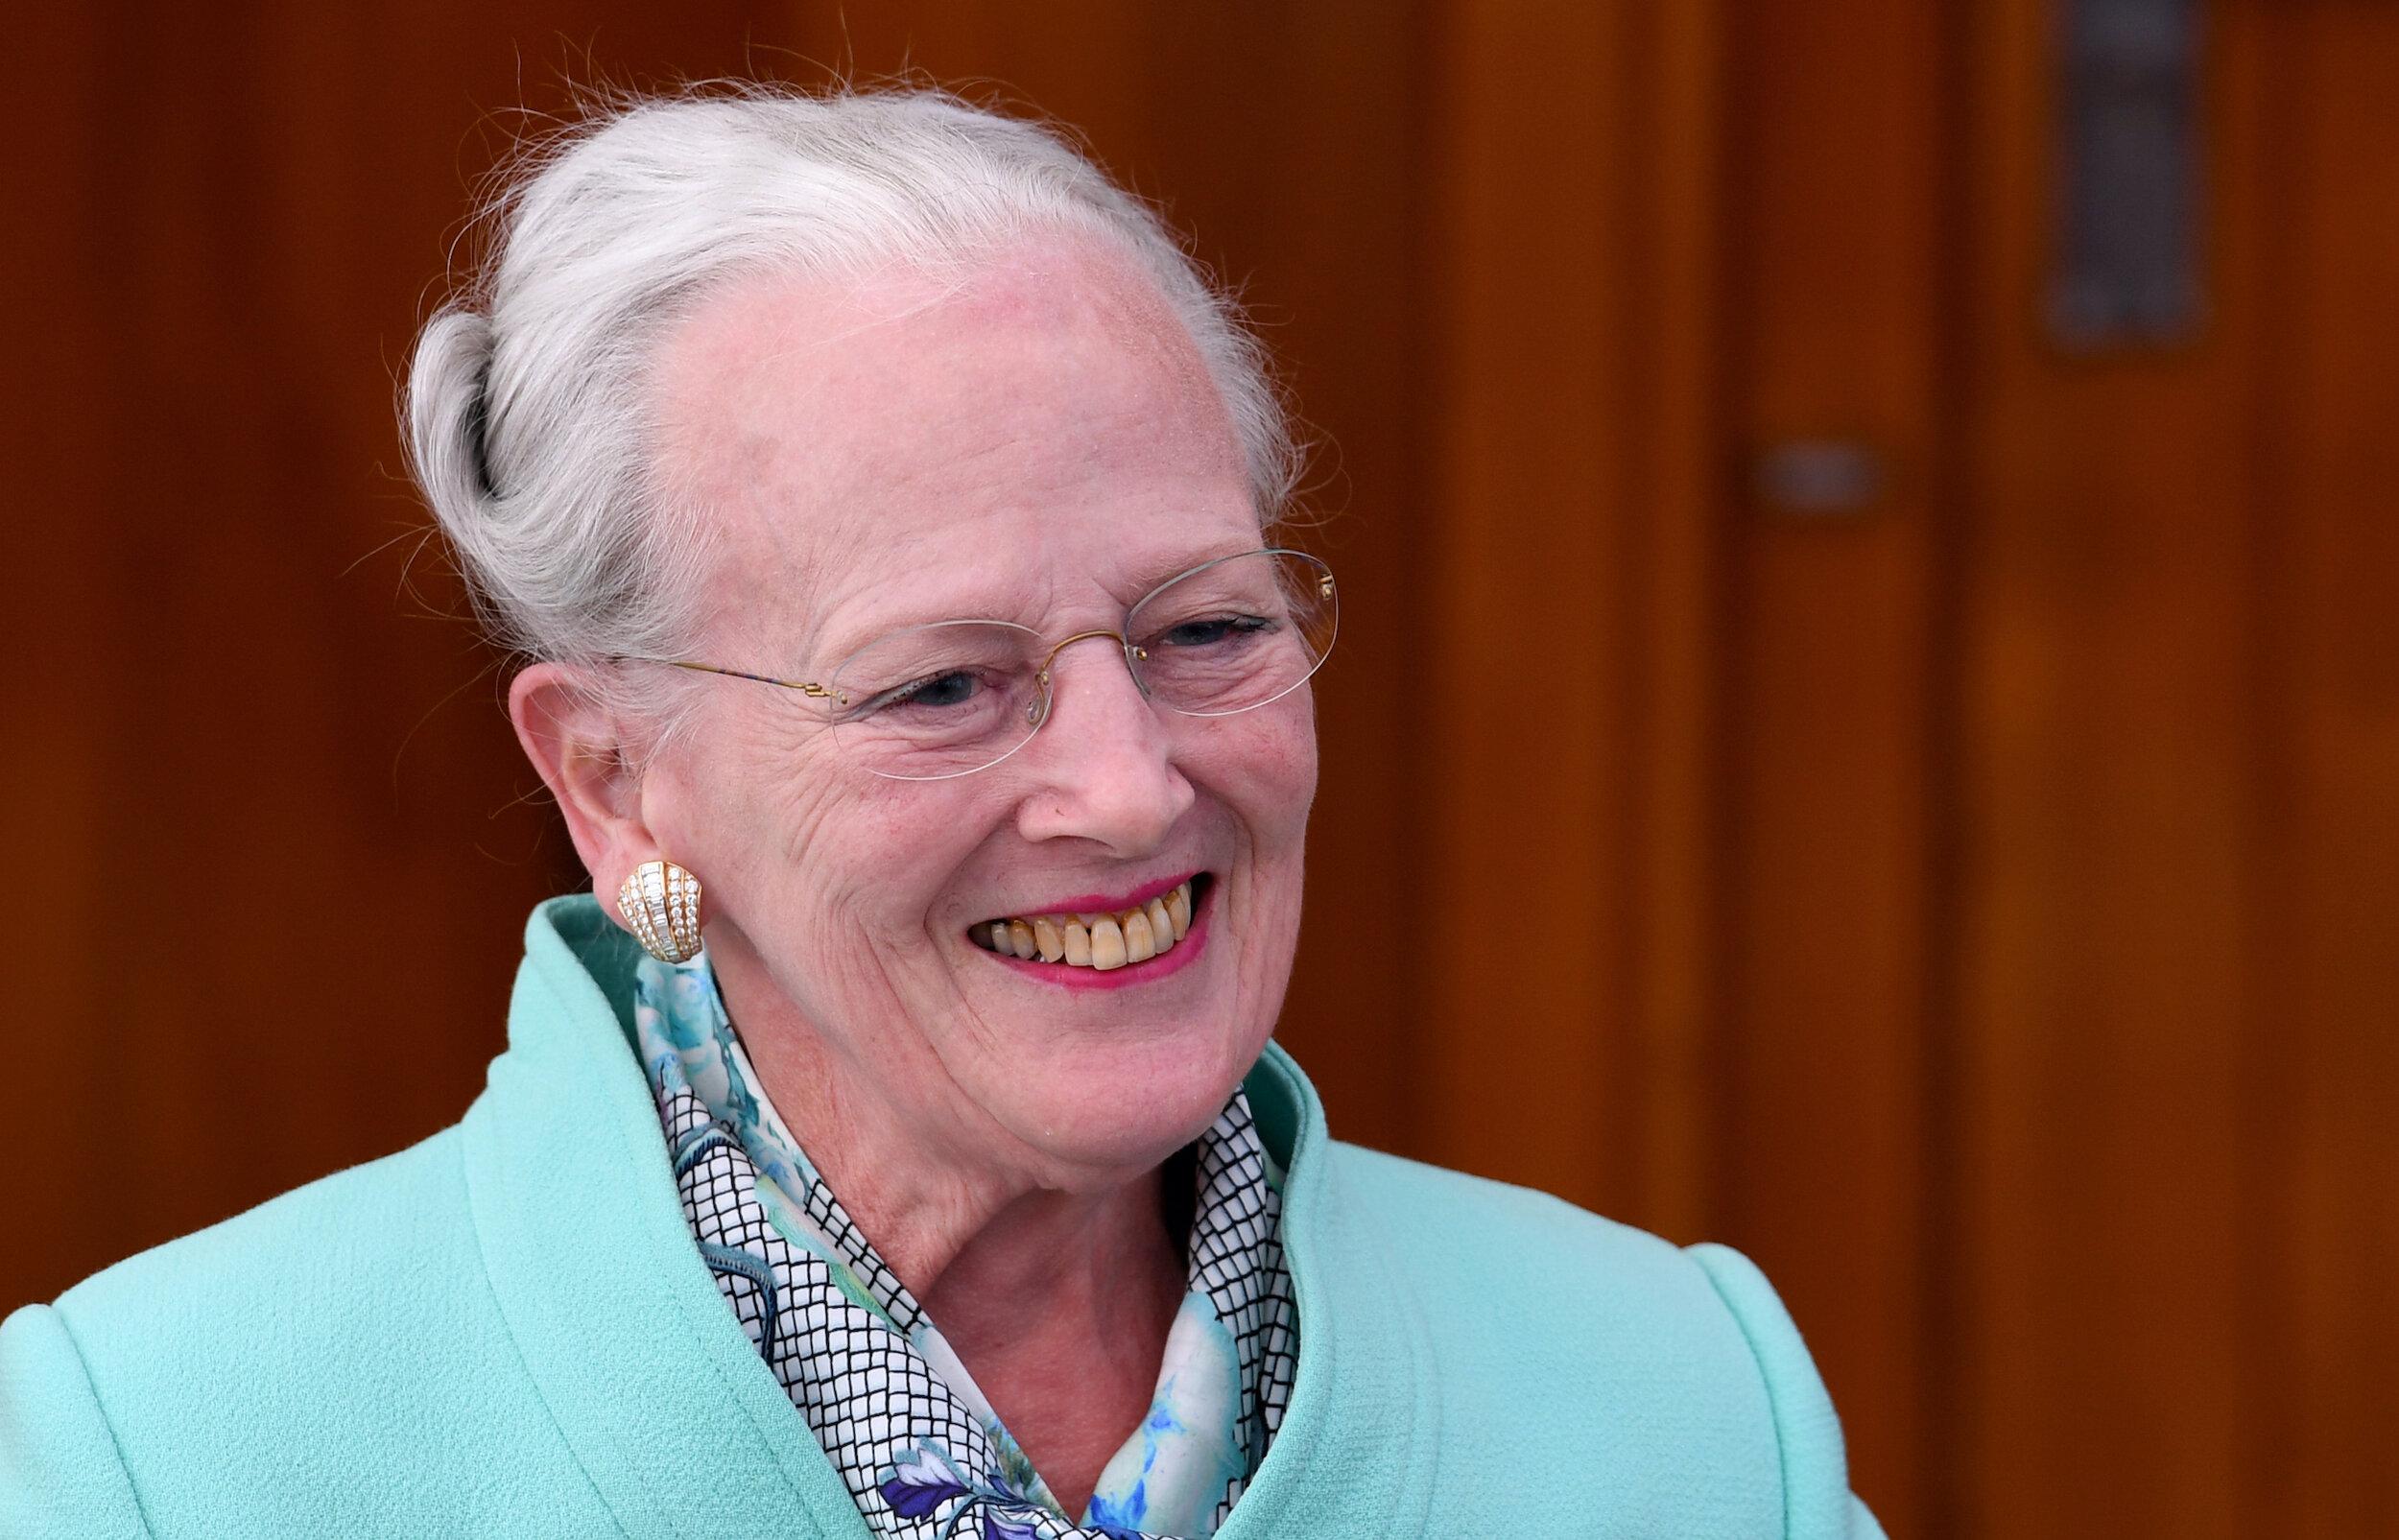 """Königin Margrethe von Dänemark wird in wenigen Monaten 80 Jahre alt. An Abdanken denkt die rüstige Monarchin nicht. """"Ich bleibe auf dem Thron, bis ich runterfalle"""", sagte sie einmal.  © picture alliance/Carsten Rehder/dpa"""